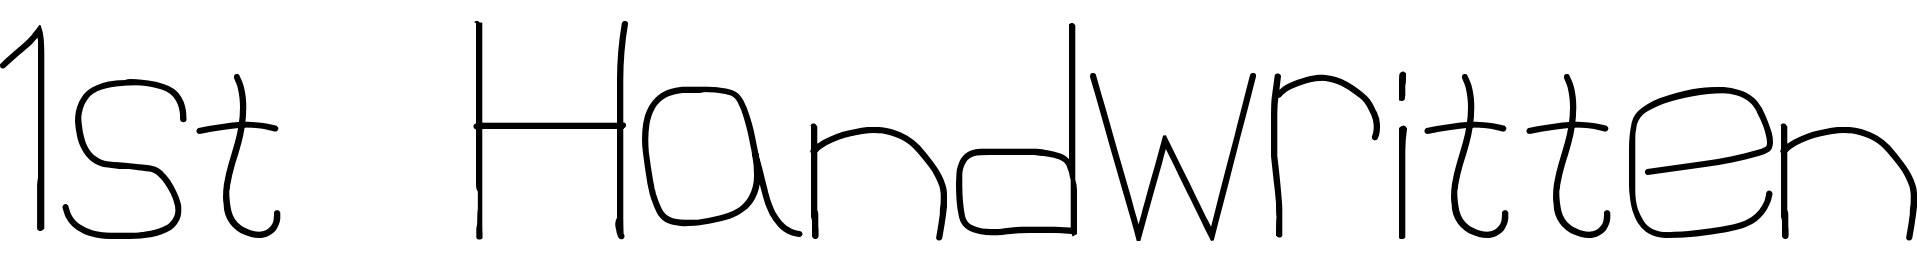 1st Handwritten